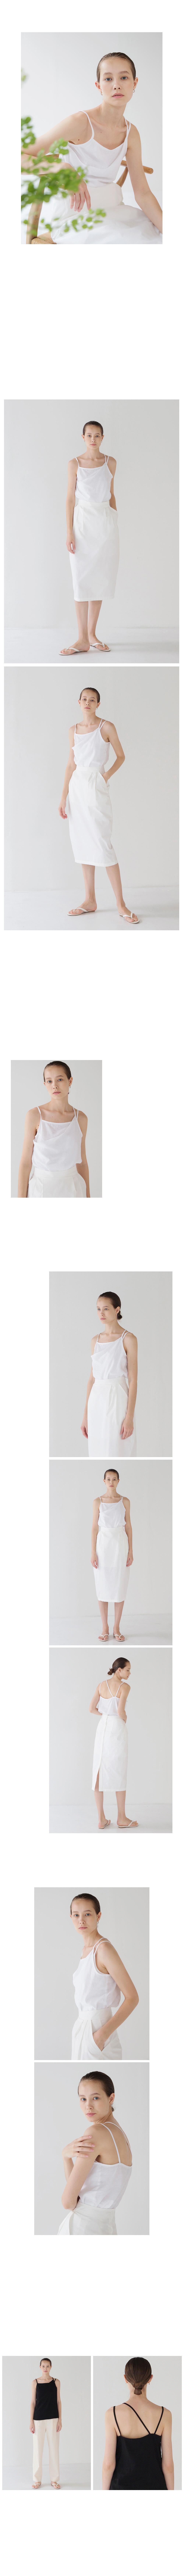 논로컬(NONLOCAL) Layer Strap Top - White